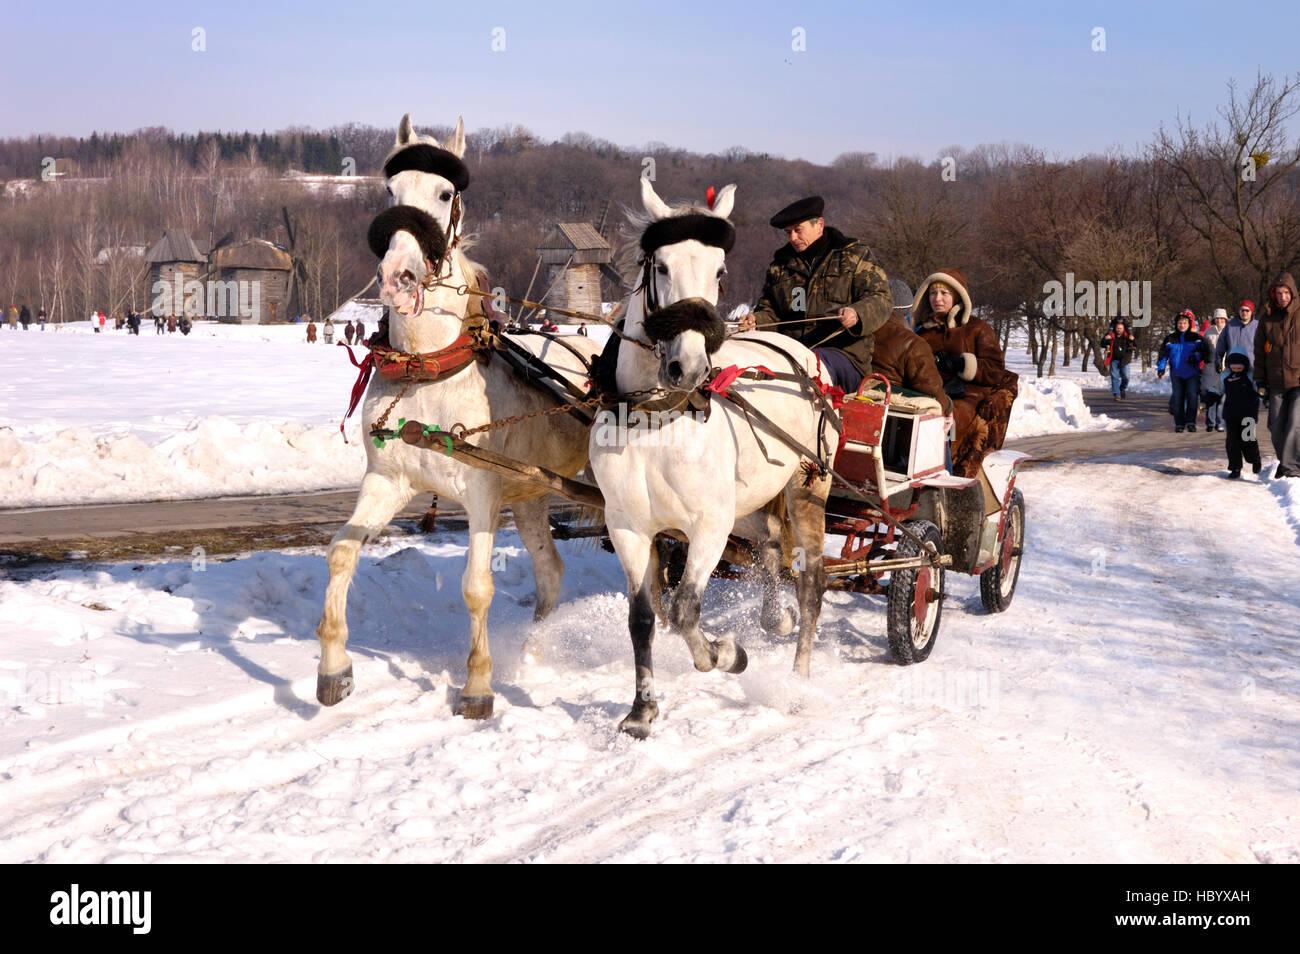 Zwei Weisse Pferde Zeichnen Menschen In Einem Wagen Fasching Feiern